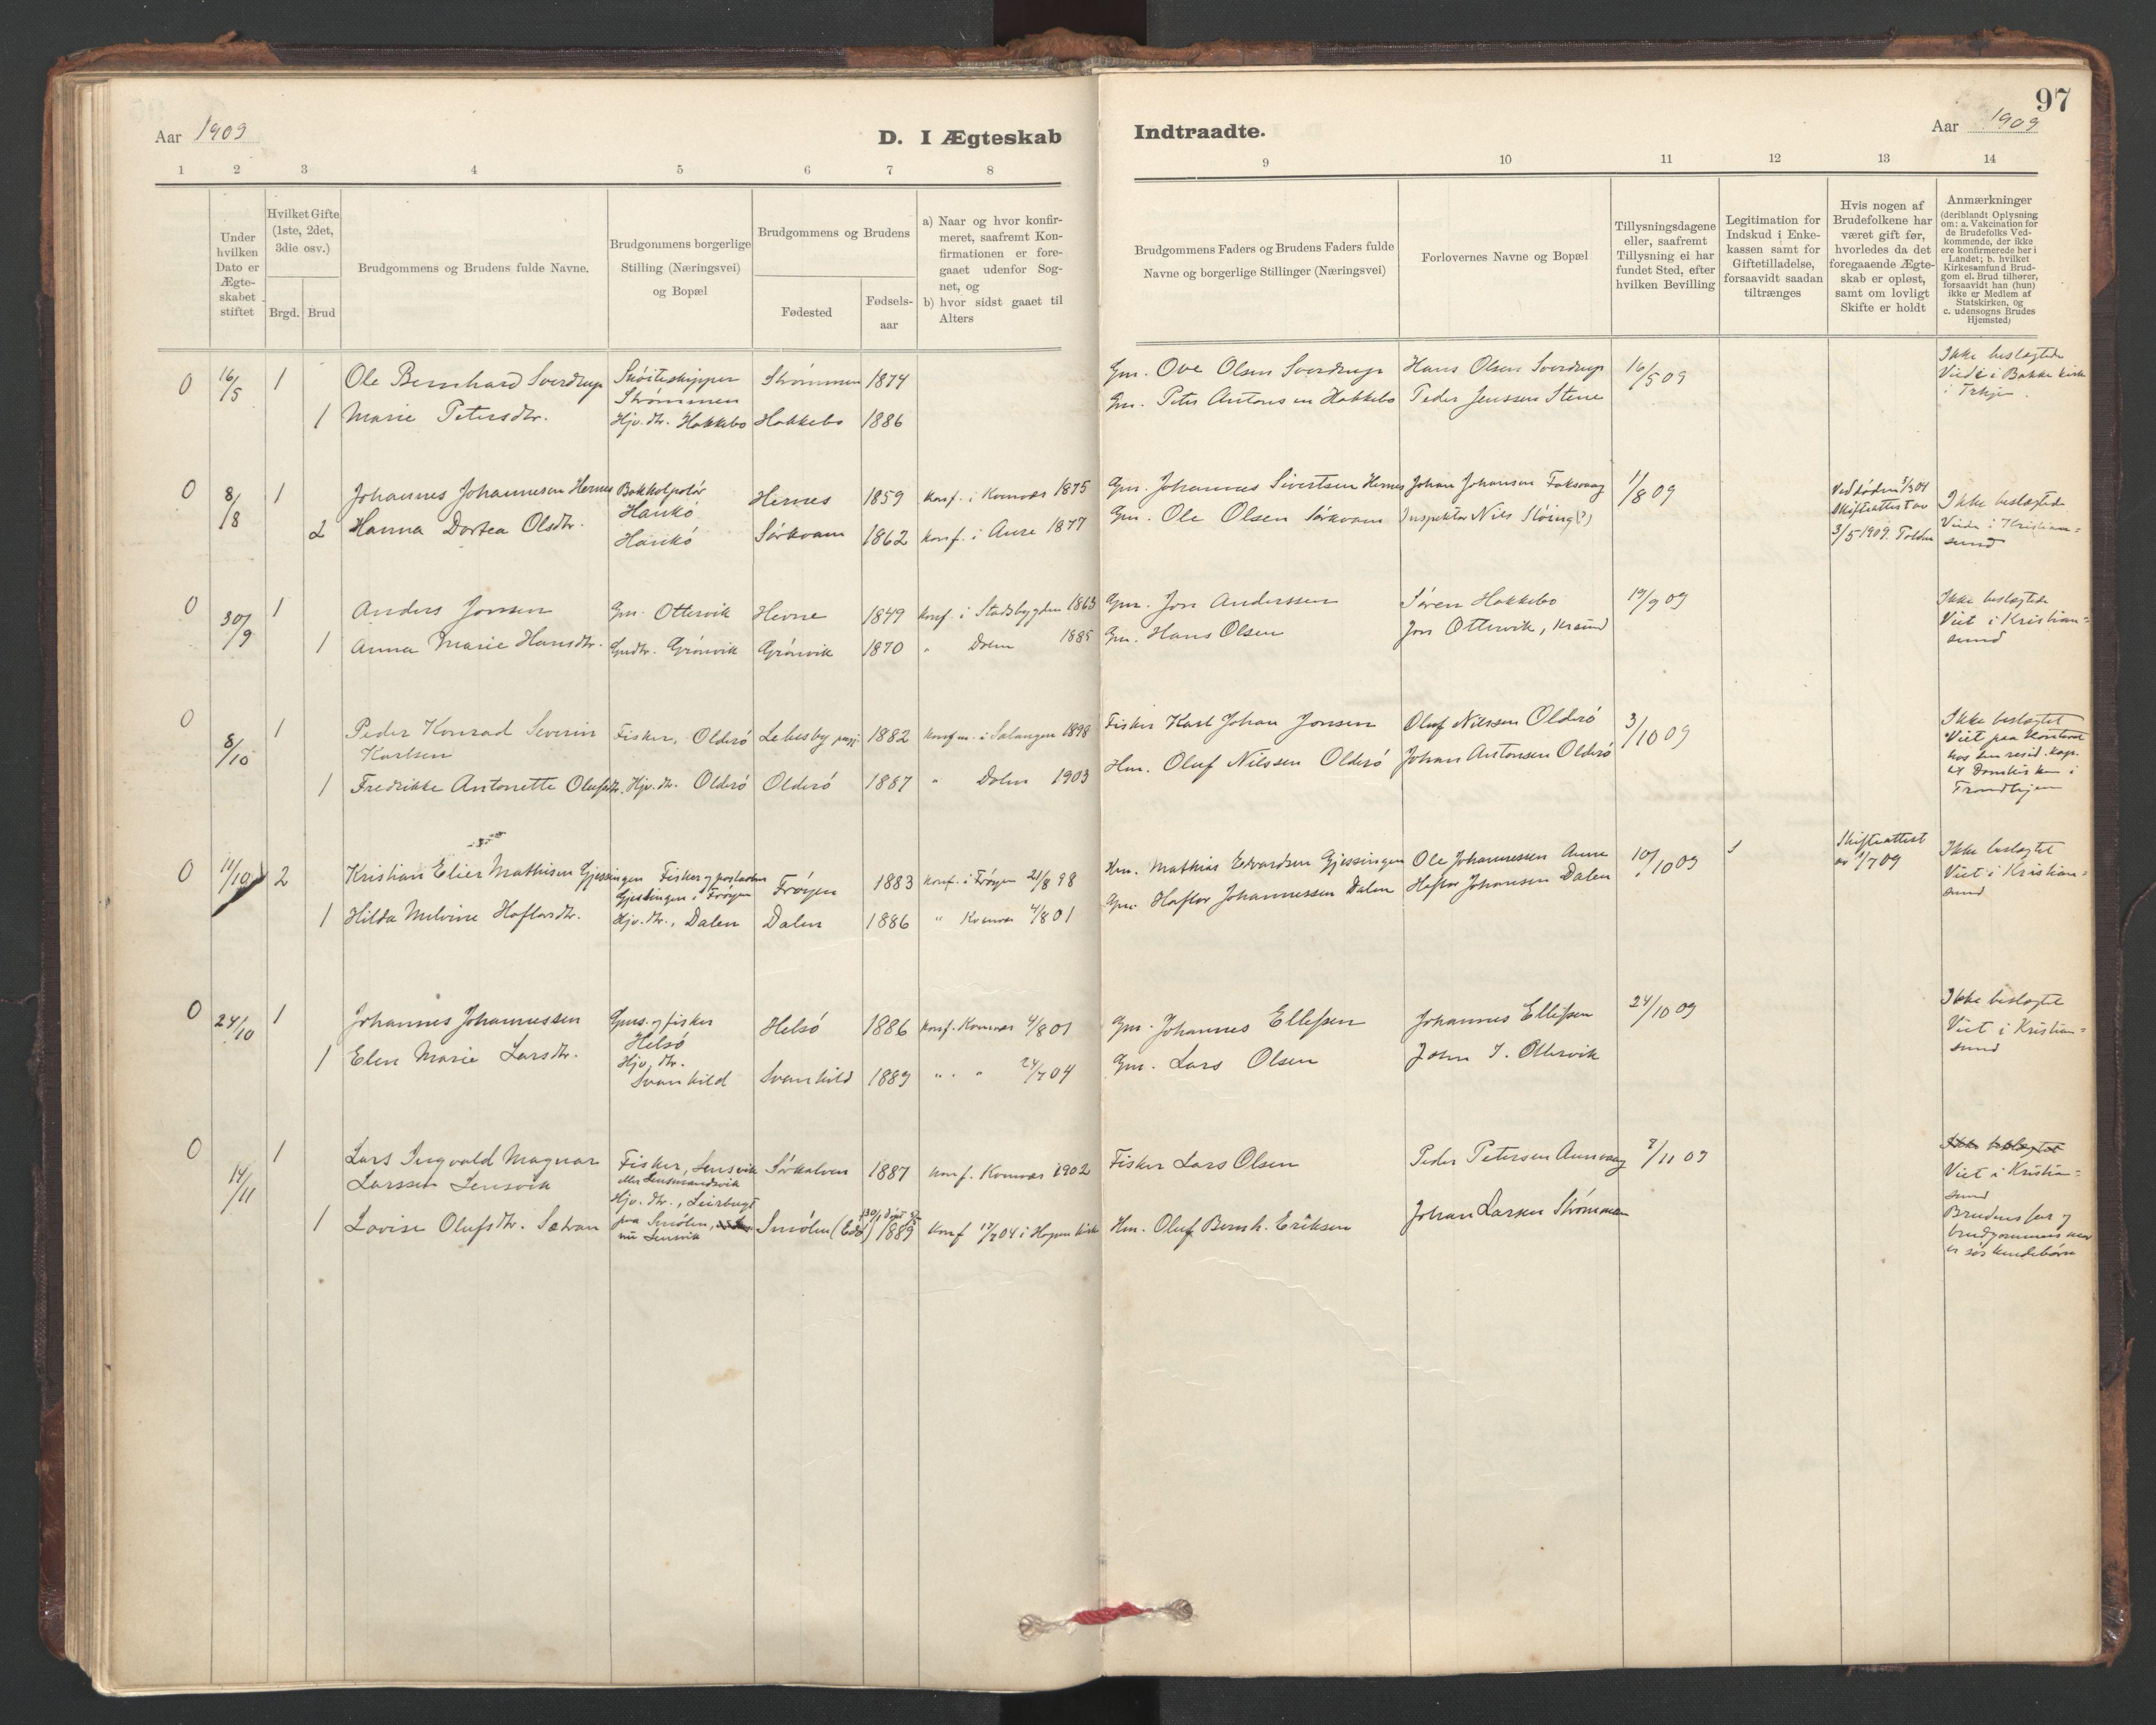 SAT, Ministerialprotokoller, klokkerbøker og fødselsregistre - Sør-Trøndelag, 635/L0552: Ministerialbok nr. 635A02, 1899-1919, s. 97